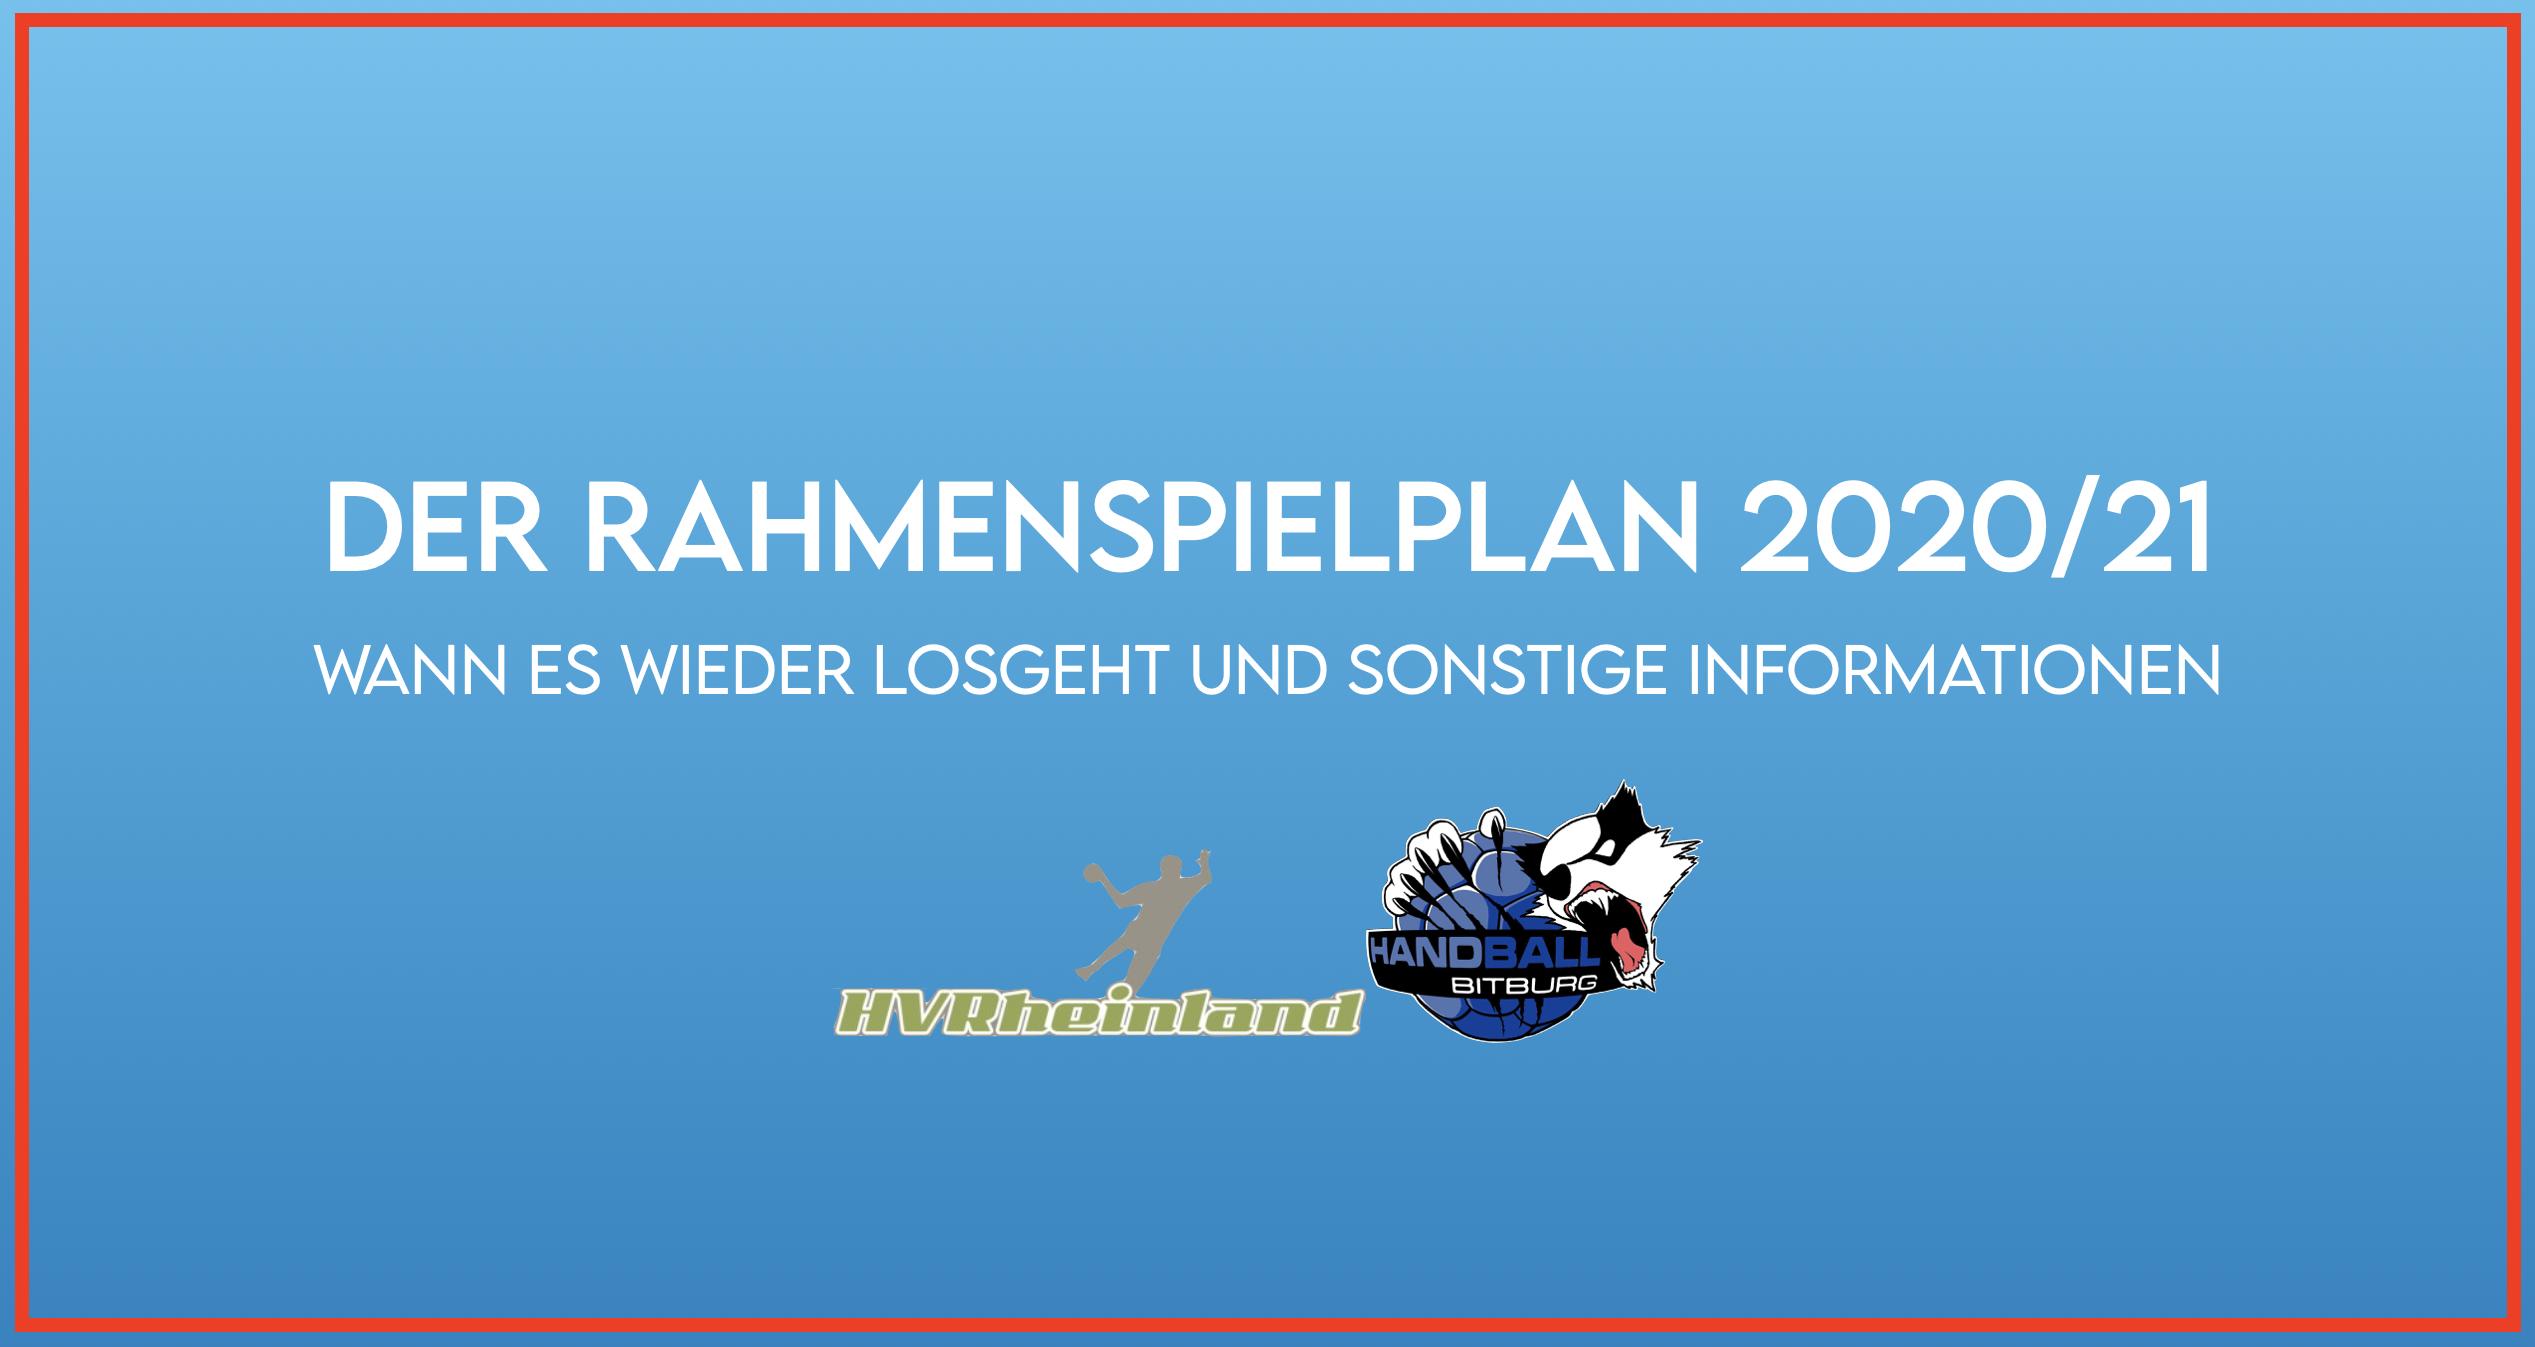 Rahmenspielplan und Durchführungsbestimmungen für die Saison 2020/21